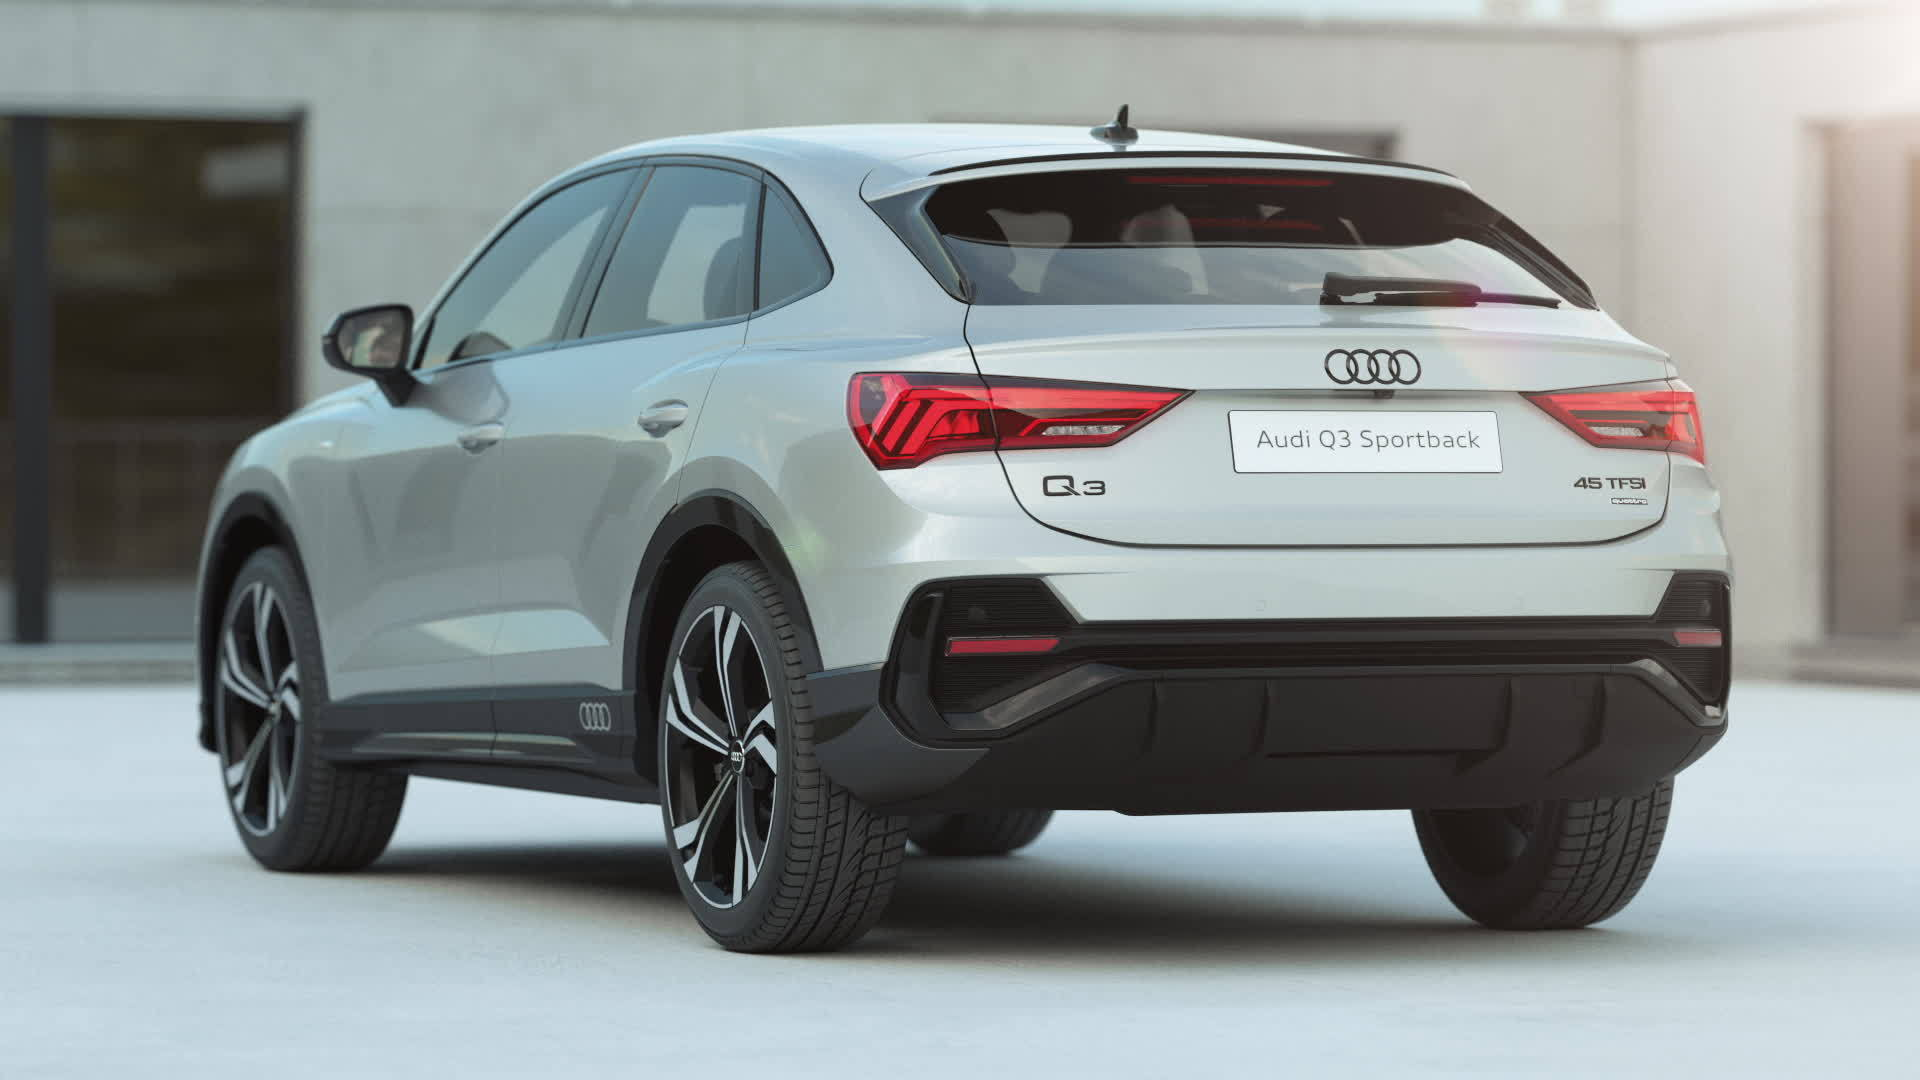 Audi Q3 Sportback exterior design (animation)